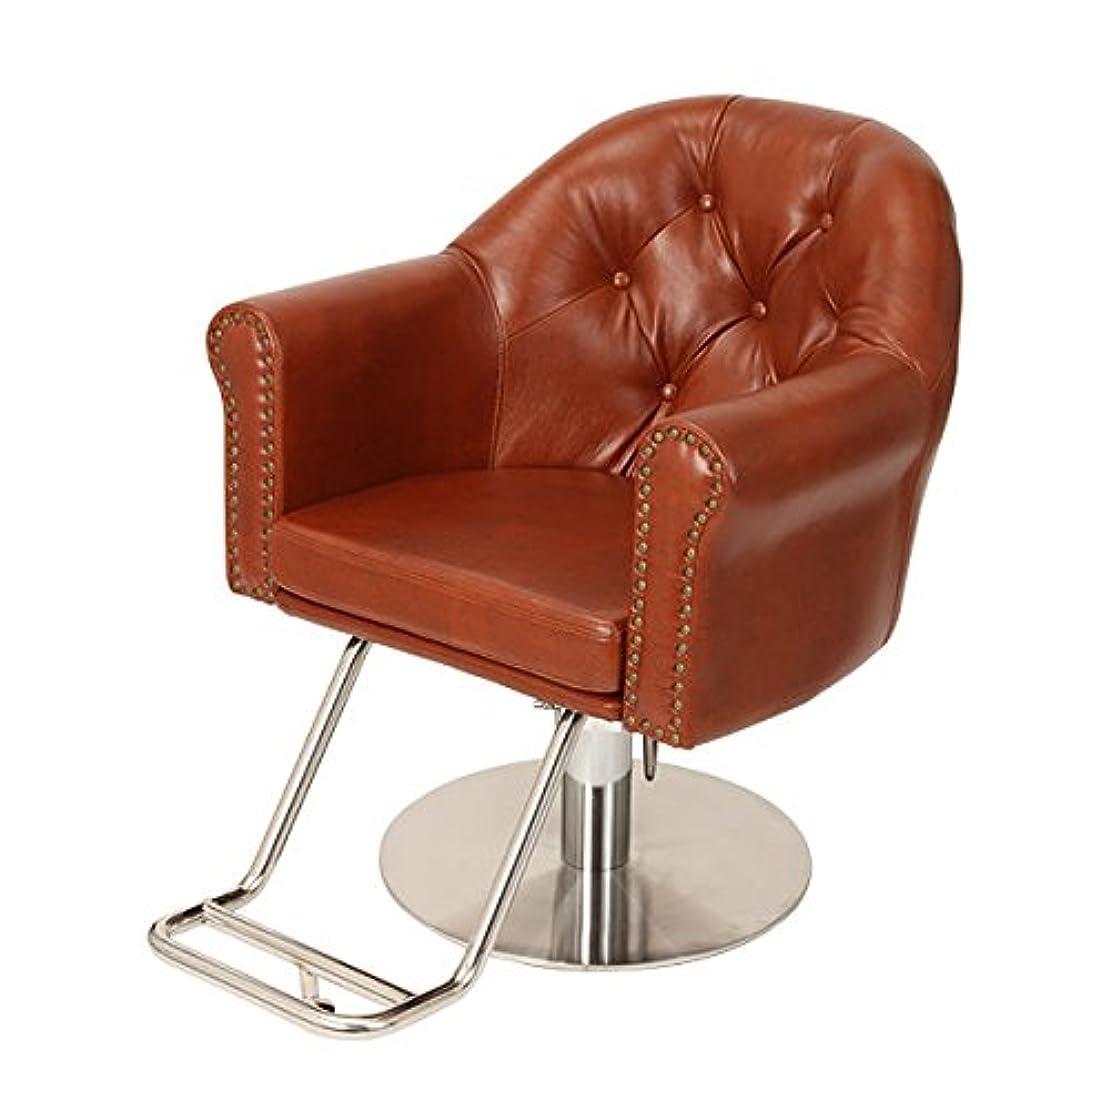 インフレーション交流するサーマル< エトゥベラ > スタイリングチェア スペリオル SP-994 ブラウン [ チェア 椅子 イス セットチェア セット椅子 セットイス カットチェア カット椅子 カットイス 美容室椅子 美容室 美容師 ]